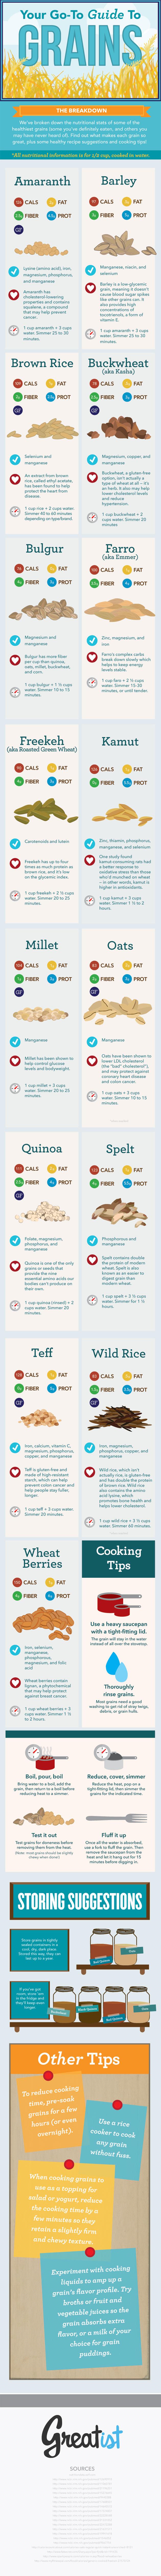 a guide for choosing healthier grains. via sarahdigrazia.com